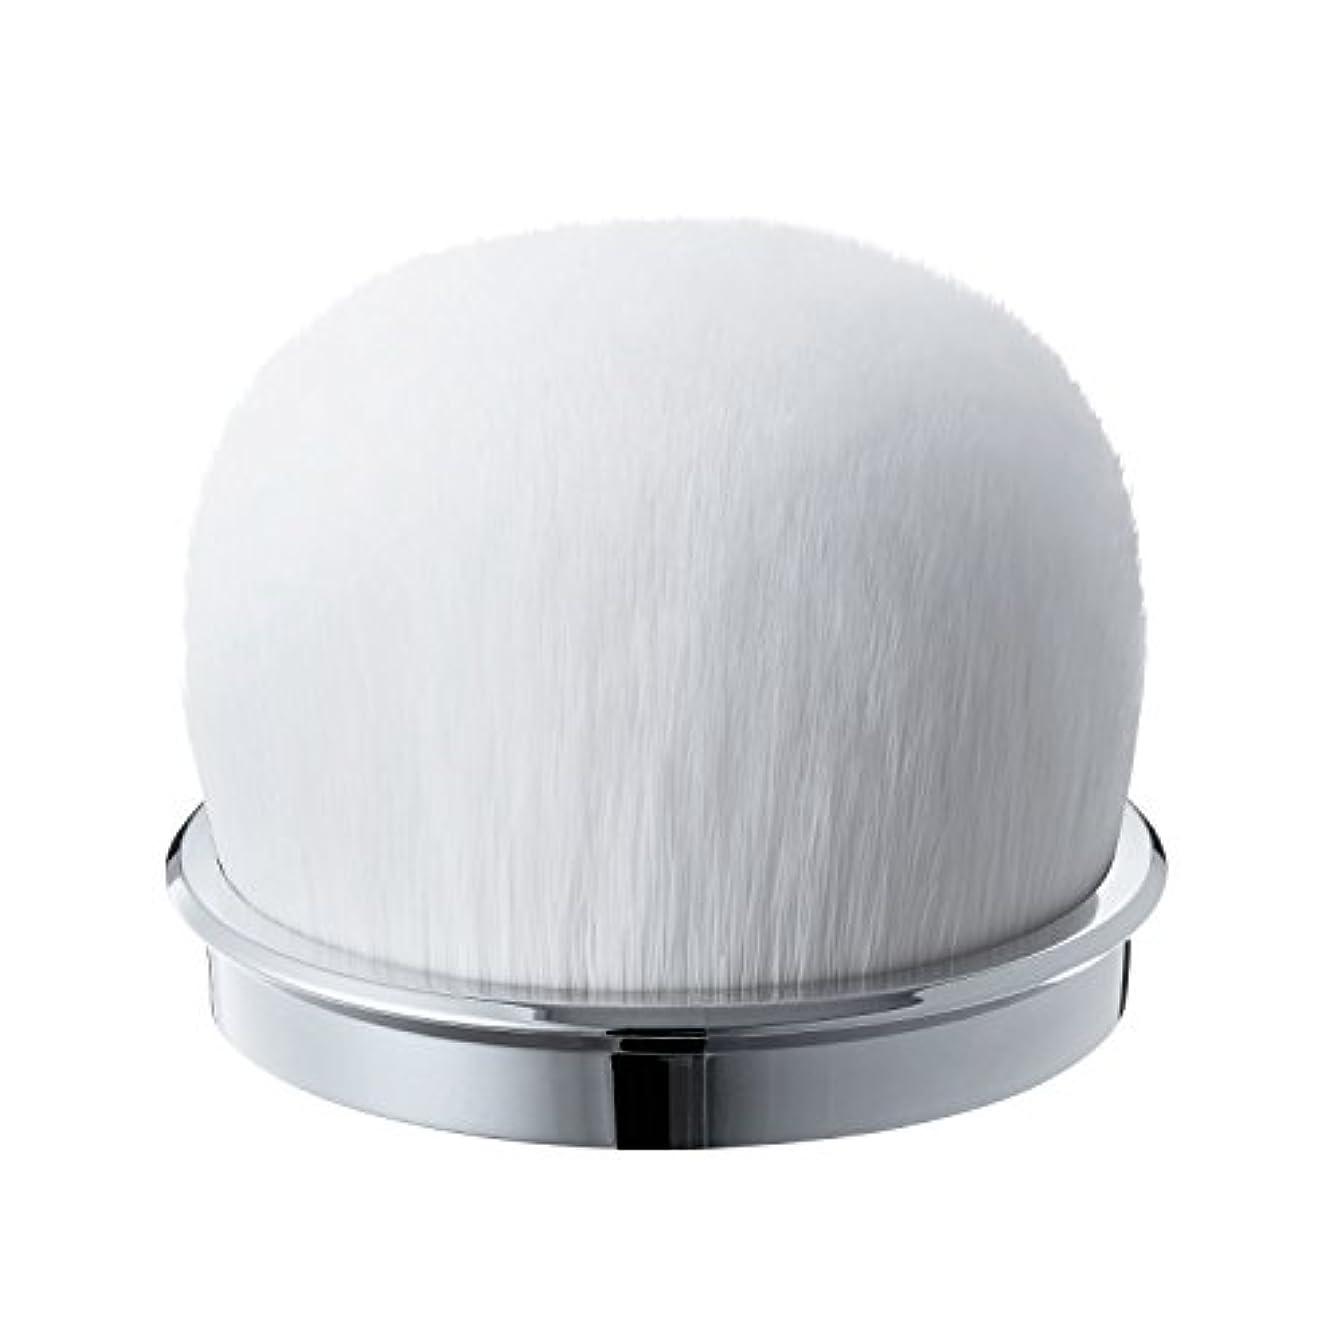 ベンチ豪華な野なMTG ReFa CLEAR BRUSH HEAD (リファクリアブラシヘッド)【メーカー純正品】スキンケア